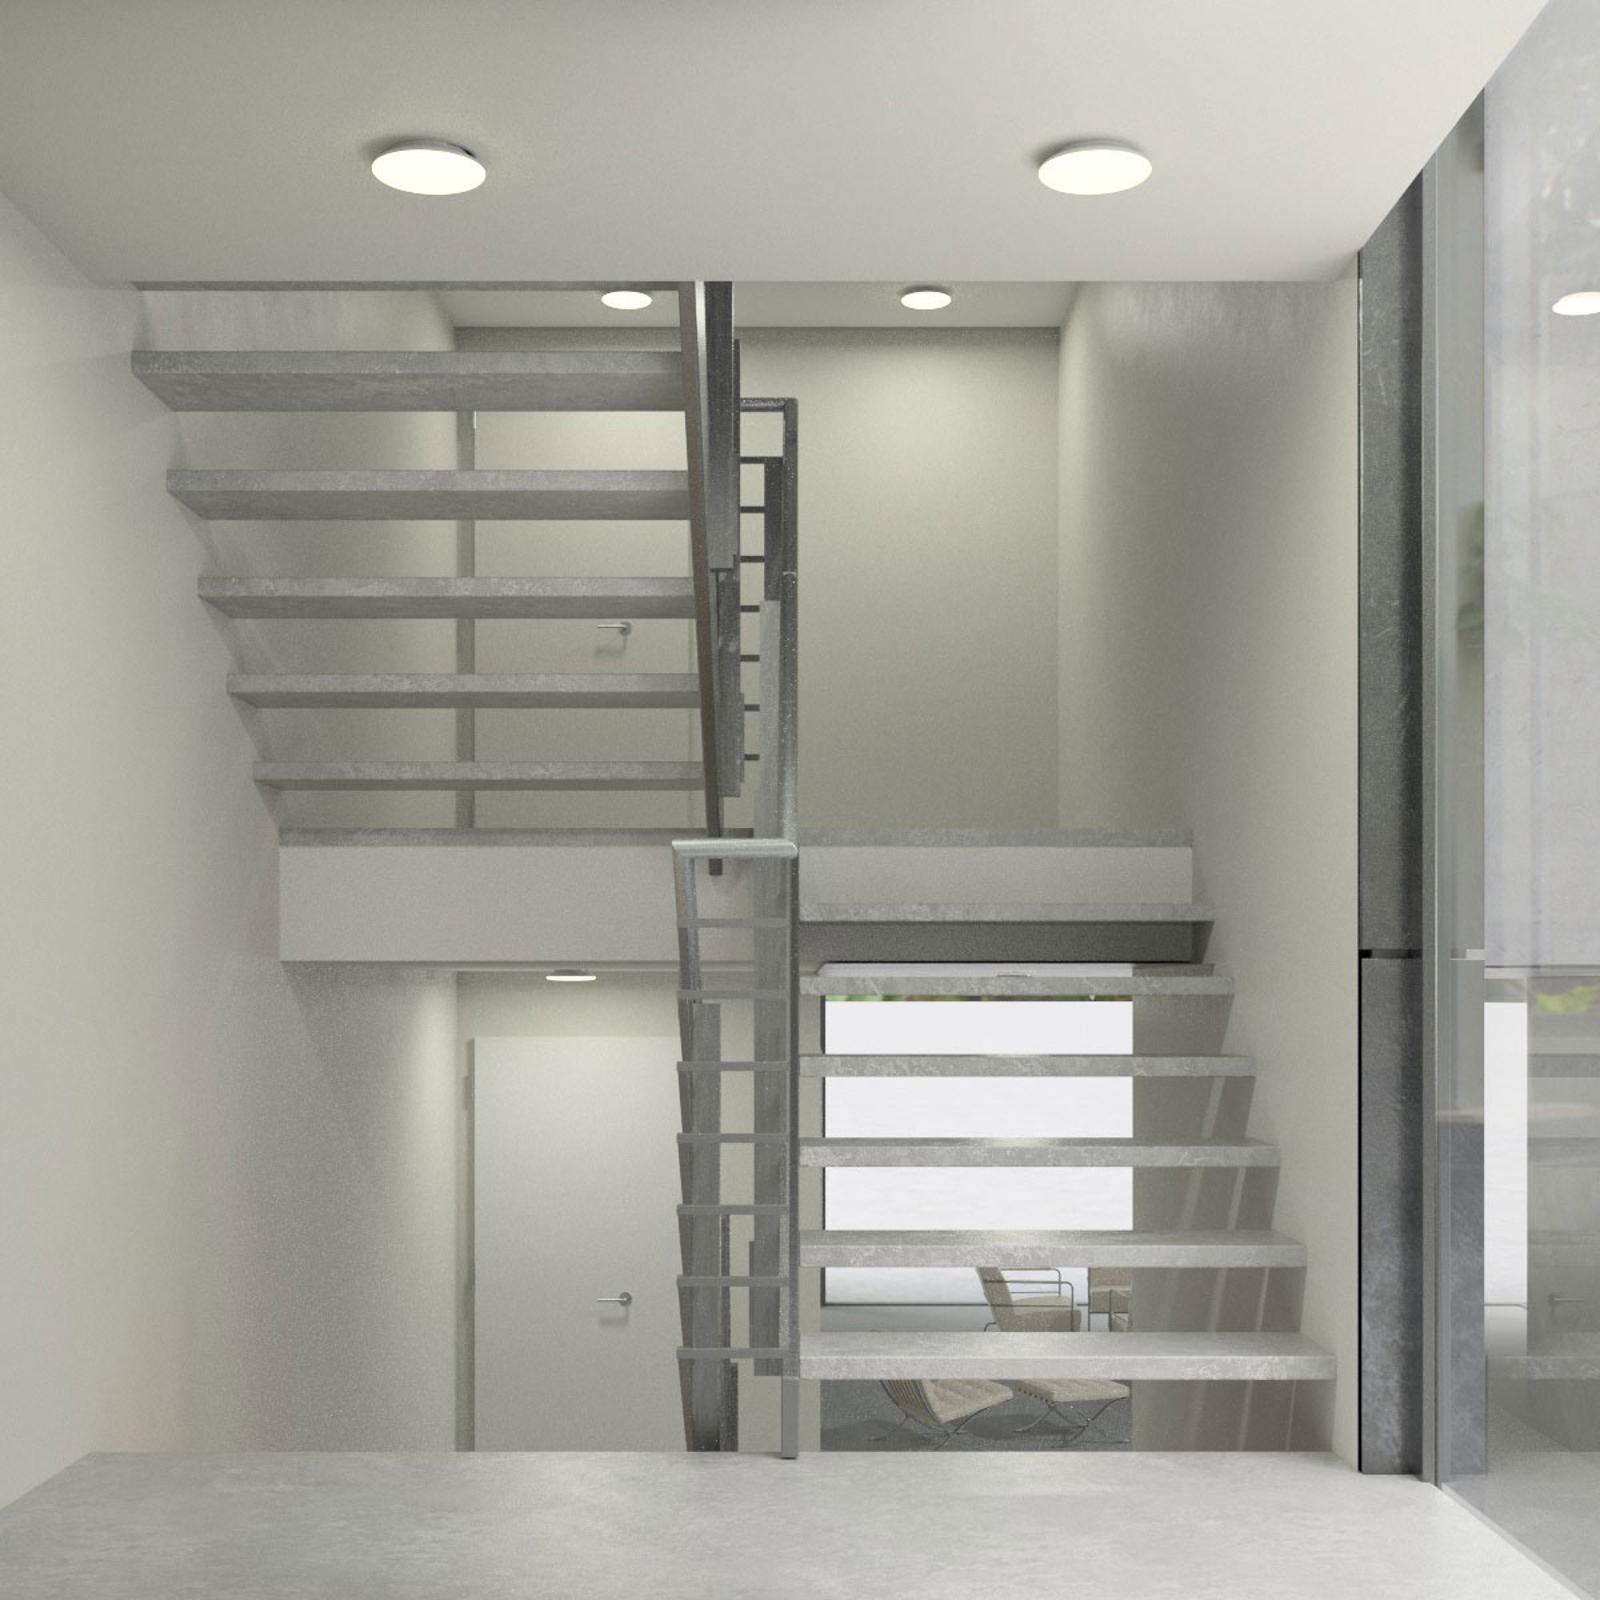 LED-Deckenlampe Azra, weiß, rund, IP54, Ø 25 cm